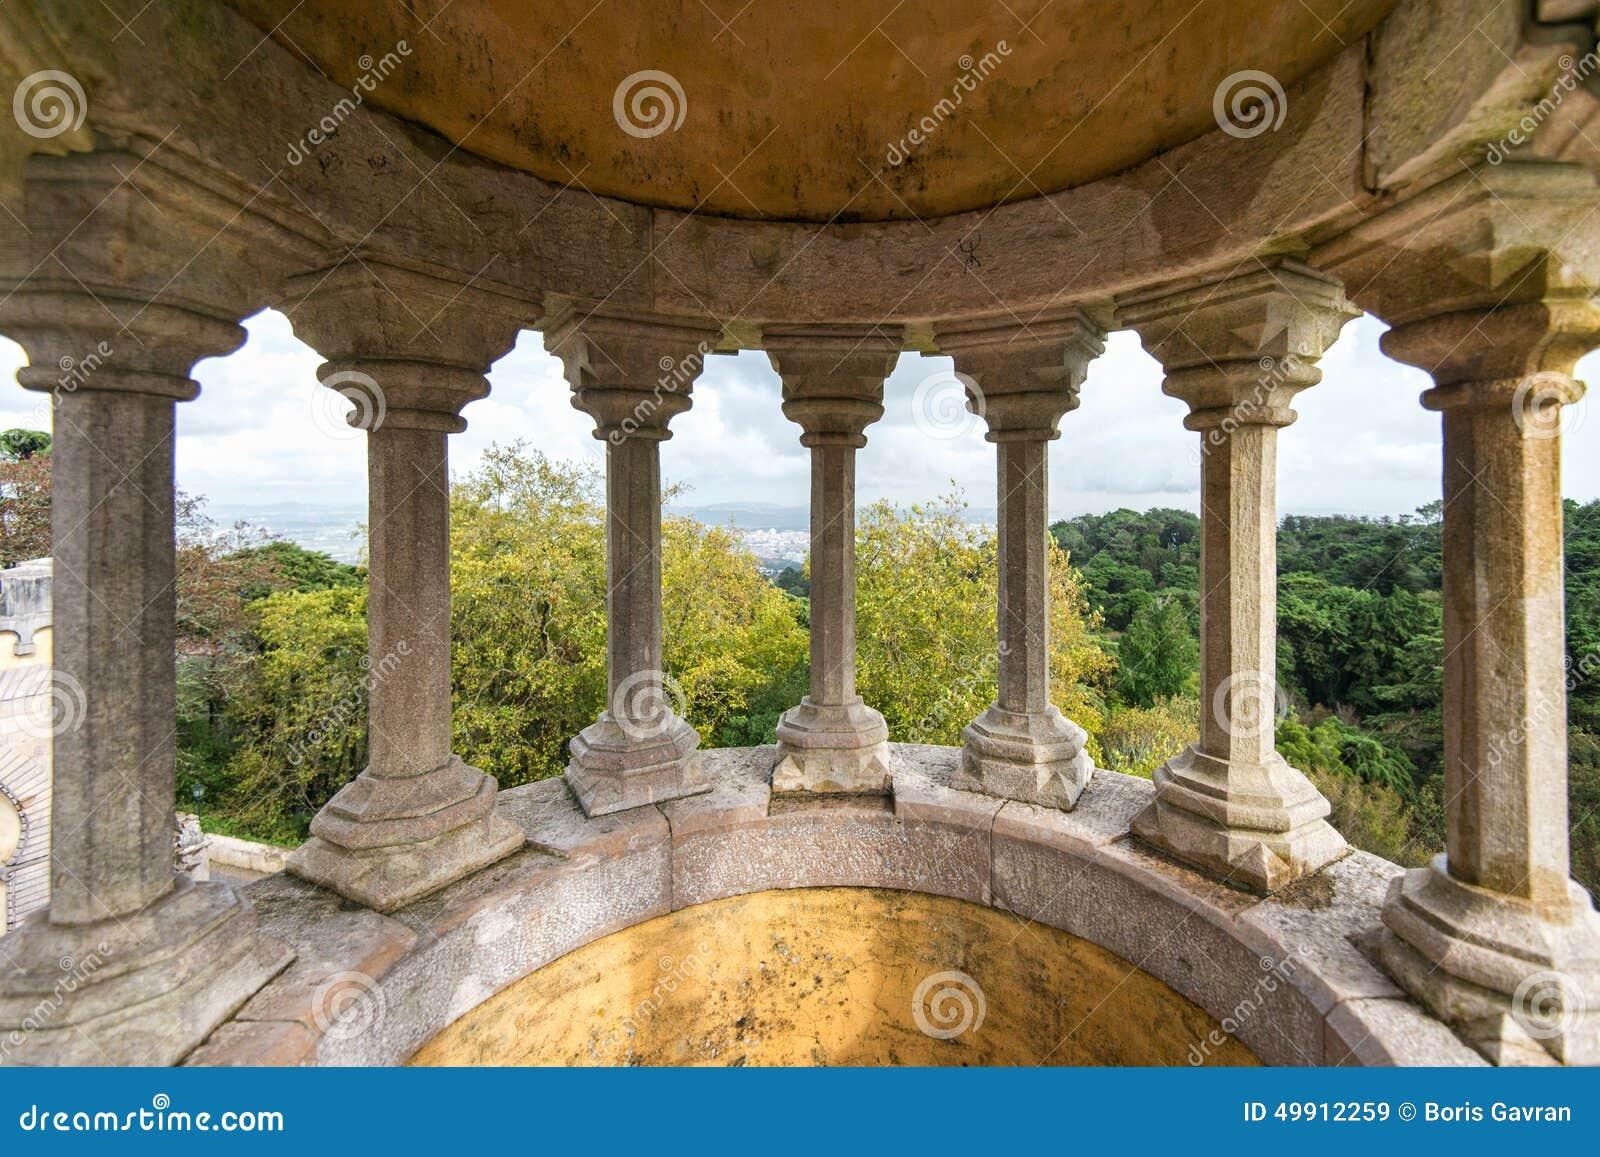 Pilares de piedra del palacio nacional de Pena, Portugal, Sintra